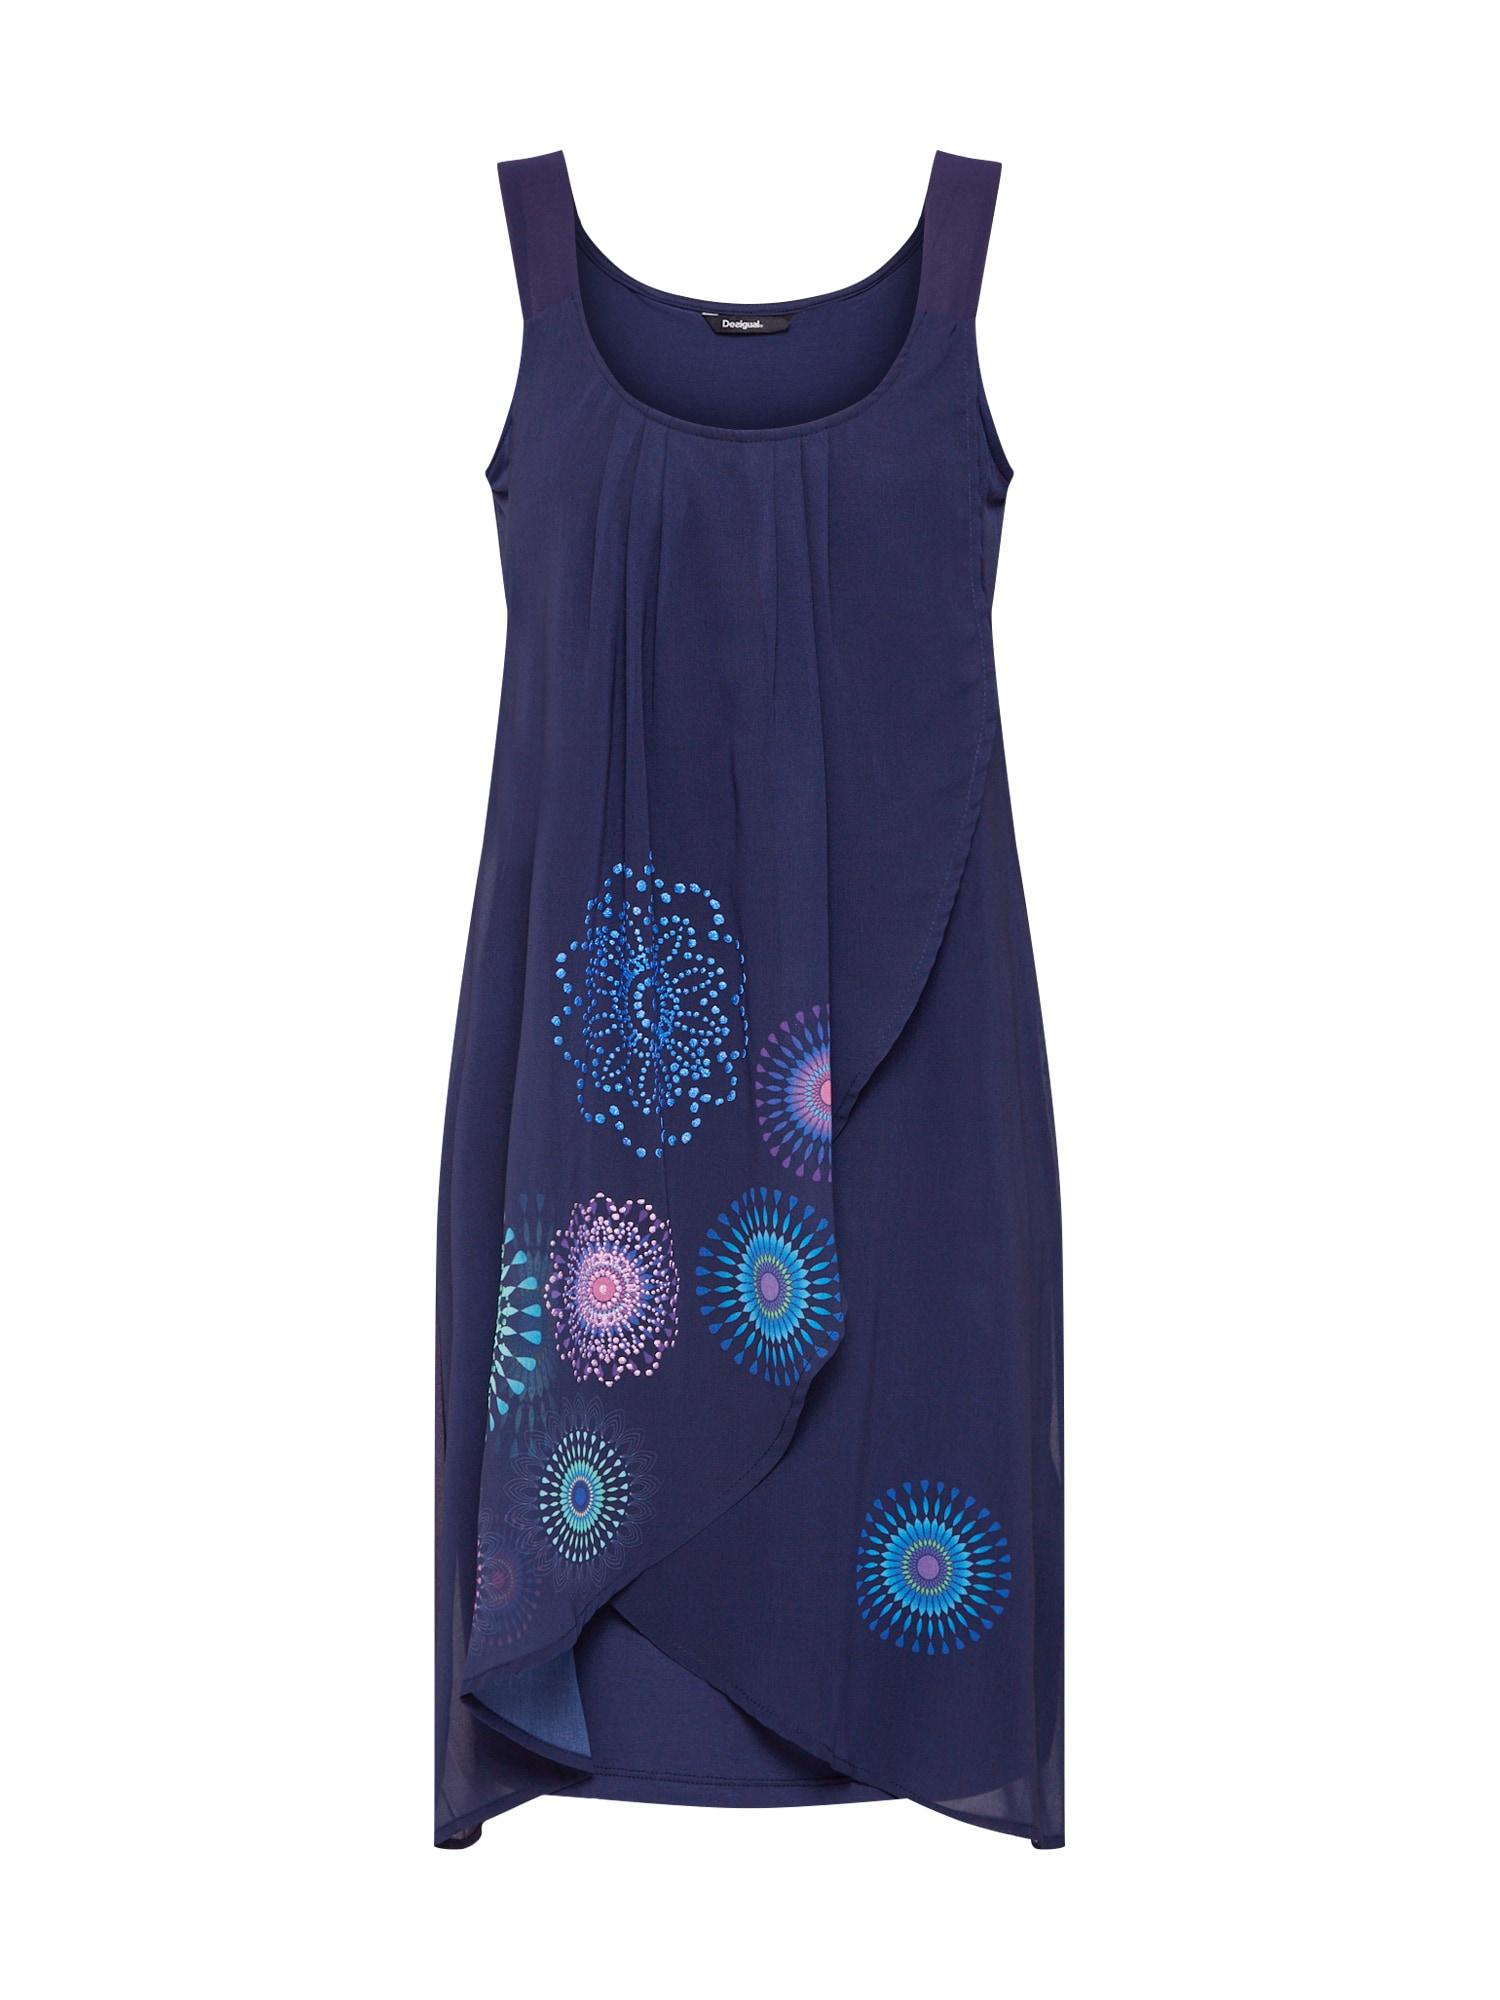 Šaty Vest_Graciela námořnická modř mix barev Desigual